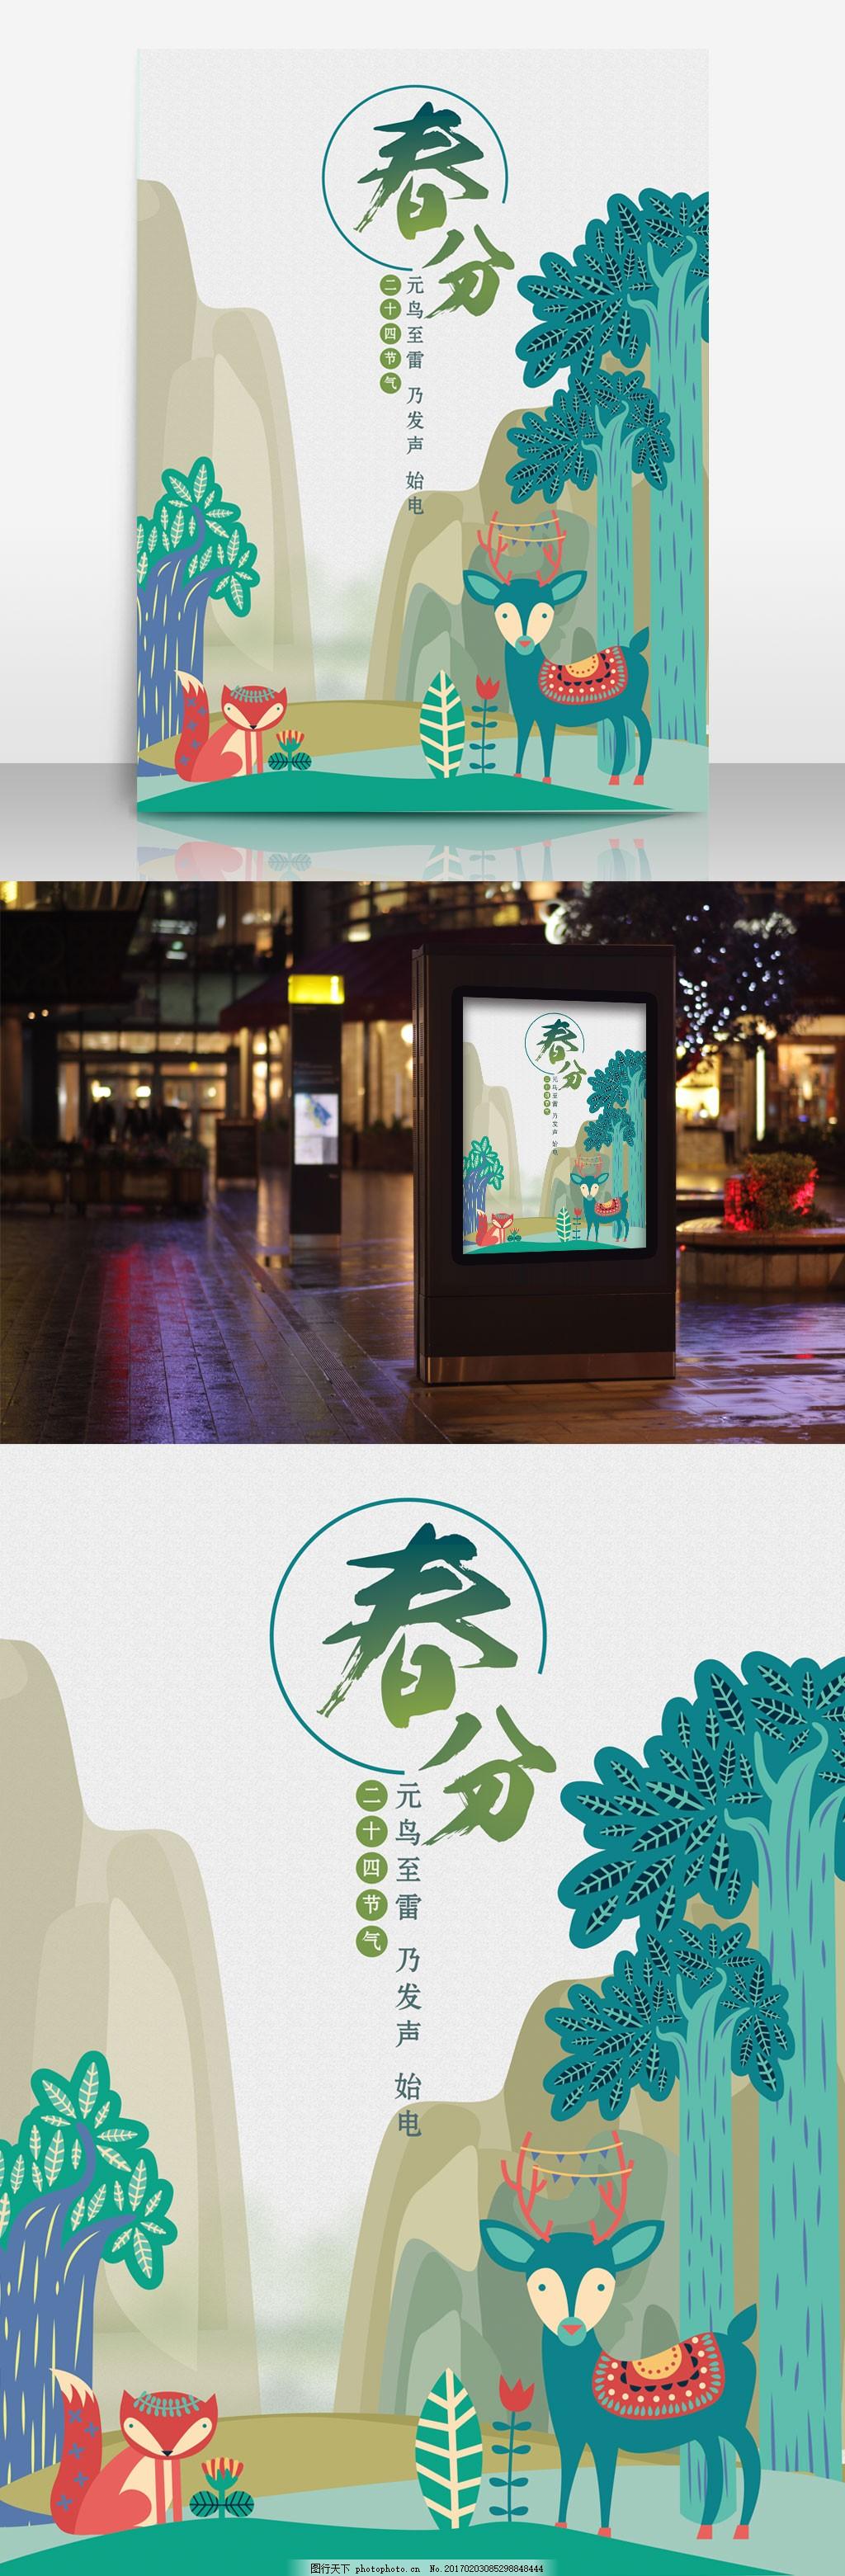 春分节气树木手绘插画海报免费下载 插画 春分 大树 海报 节气 手绘